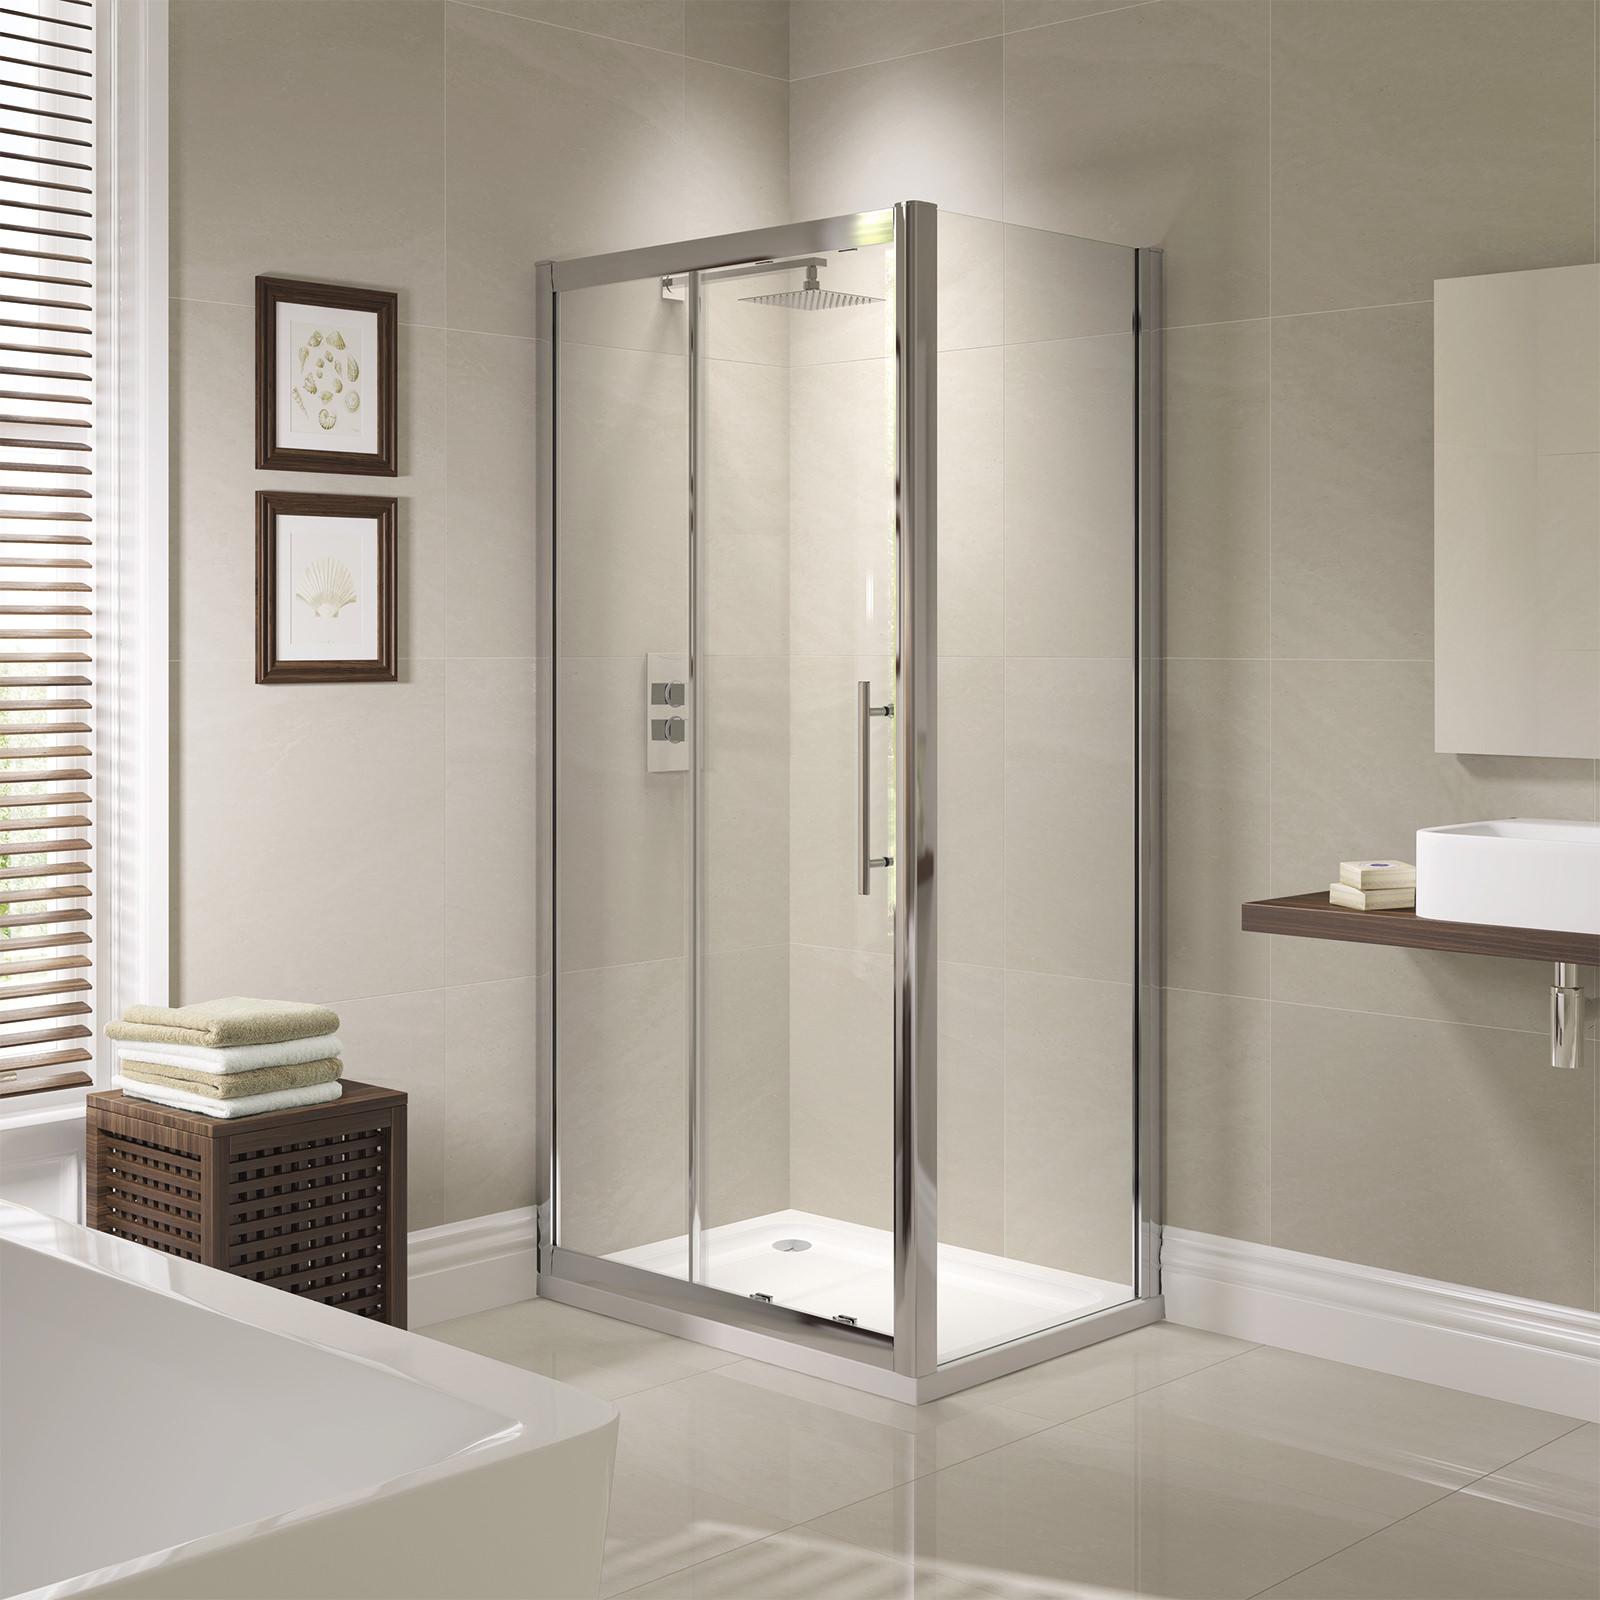 April prestige 1200mm sliding shower door ap8212s for 1200mm shower door